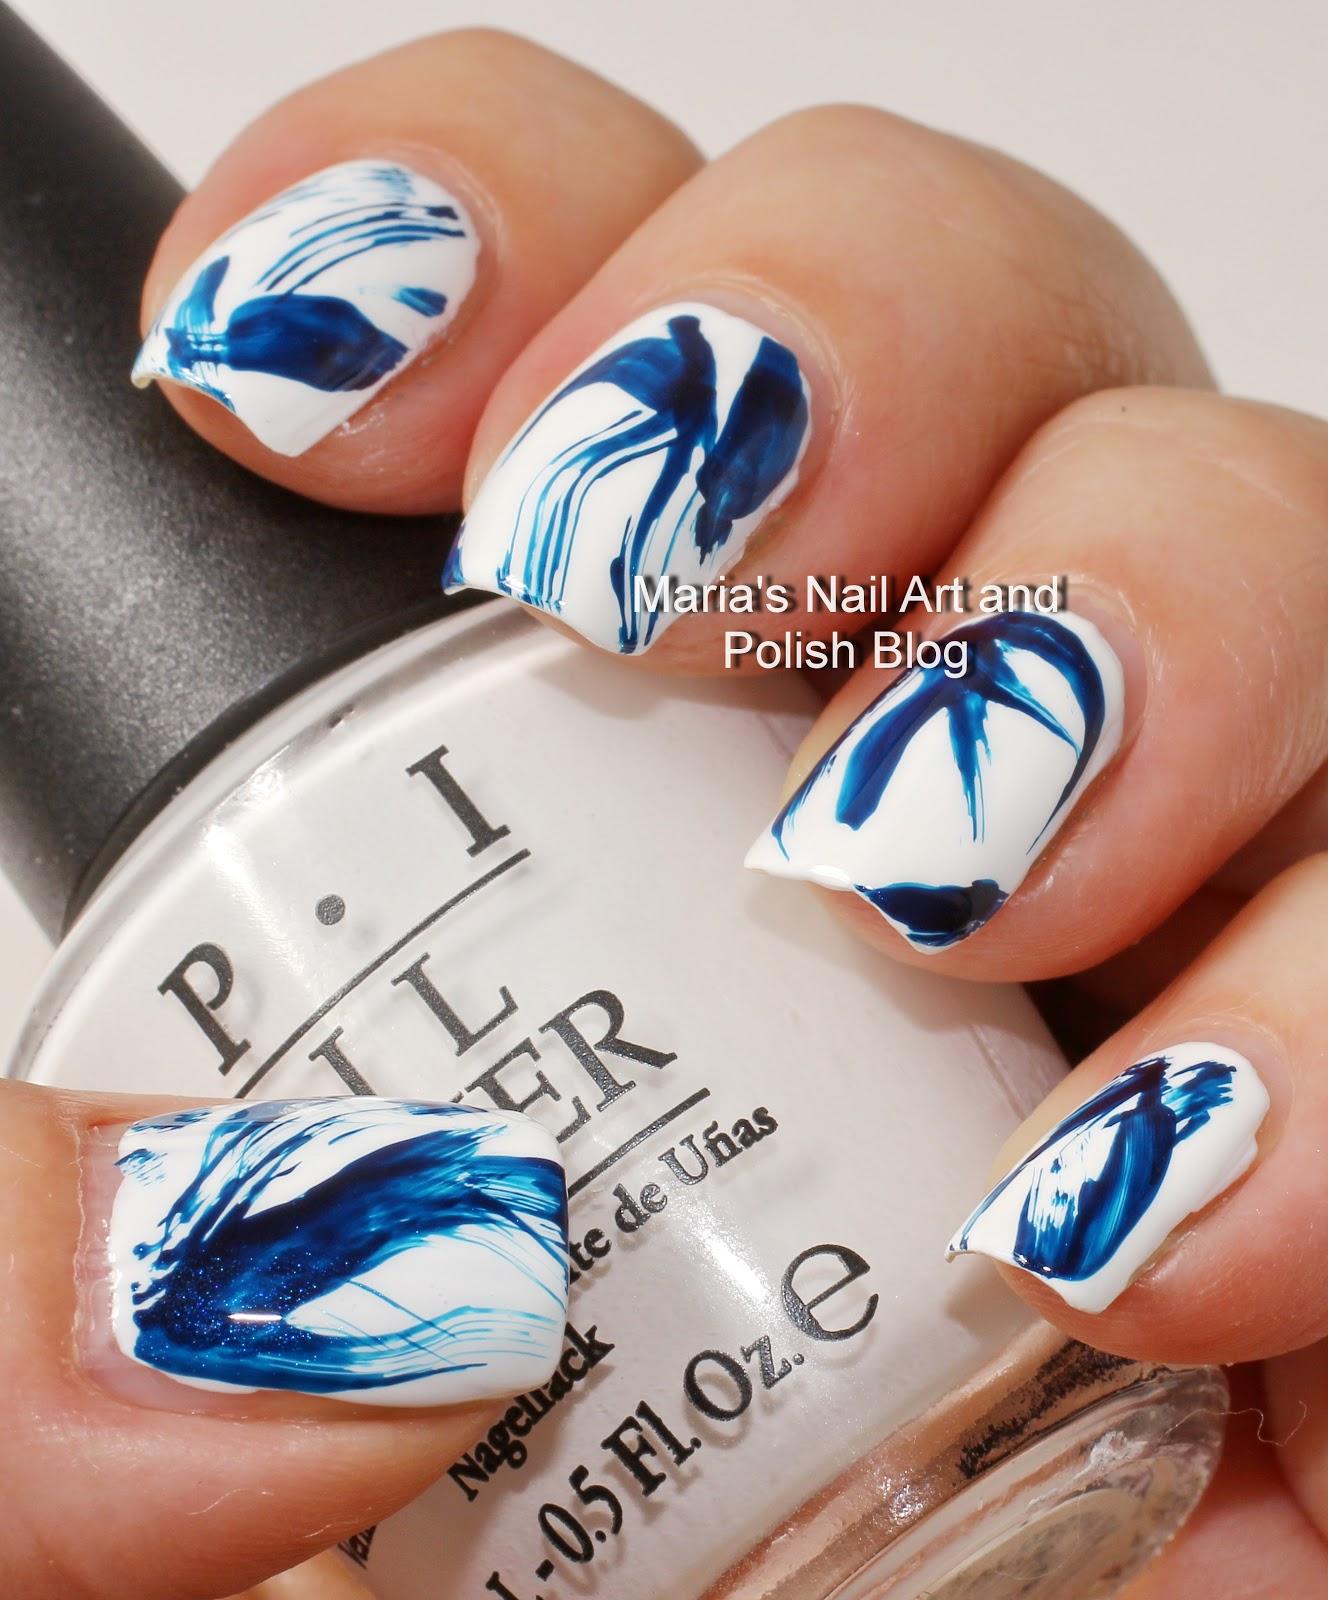 Marias nail art and polish blog blue and white brush stroke nail art blue and white brush stroke nail art prinsesfo Images